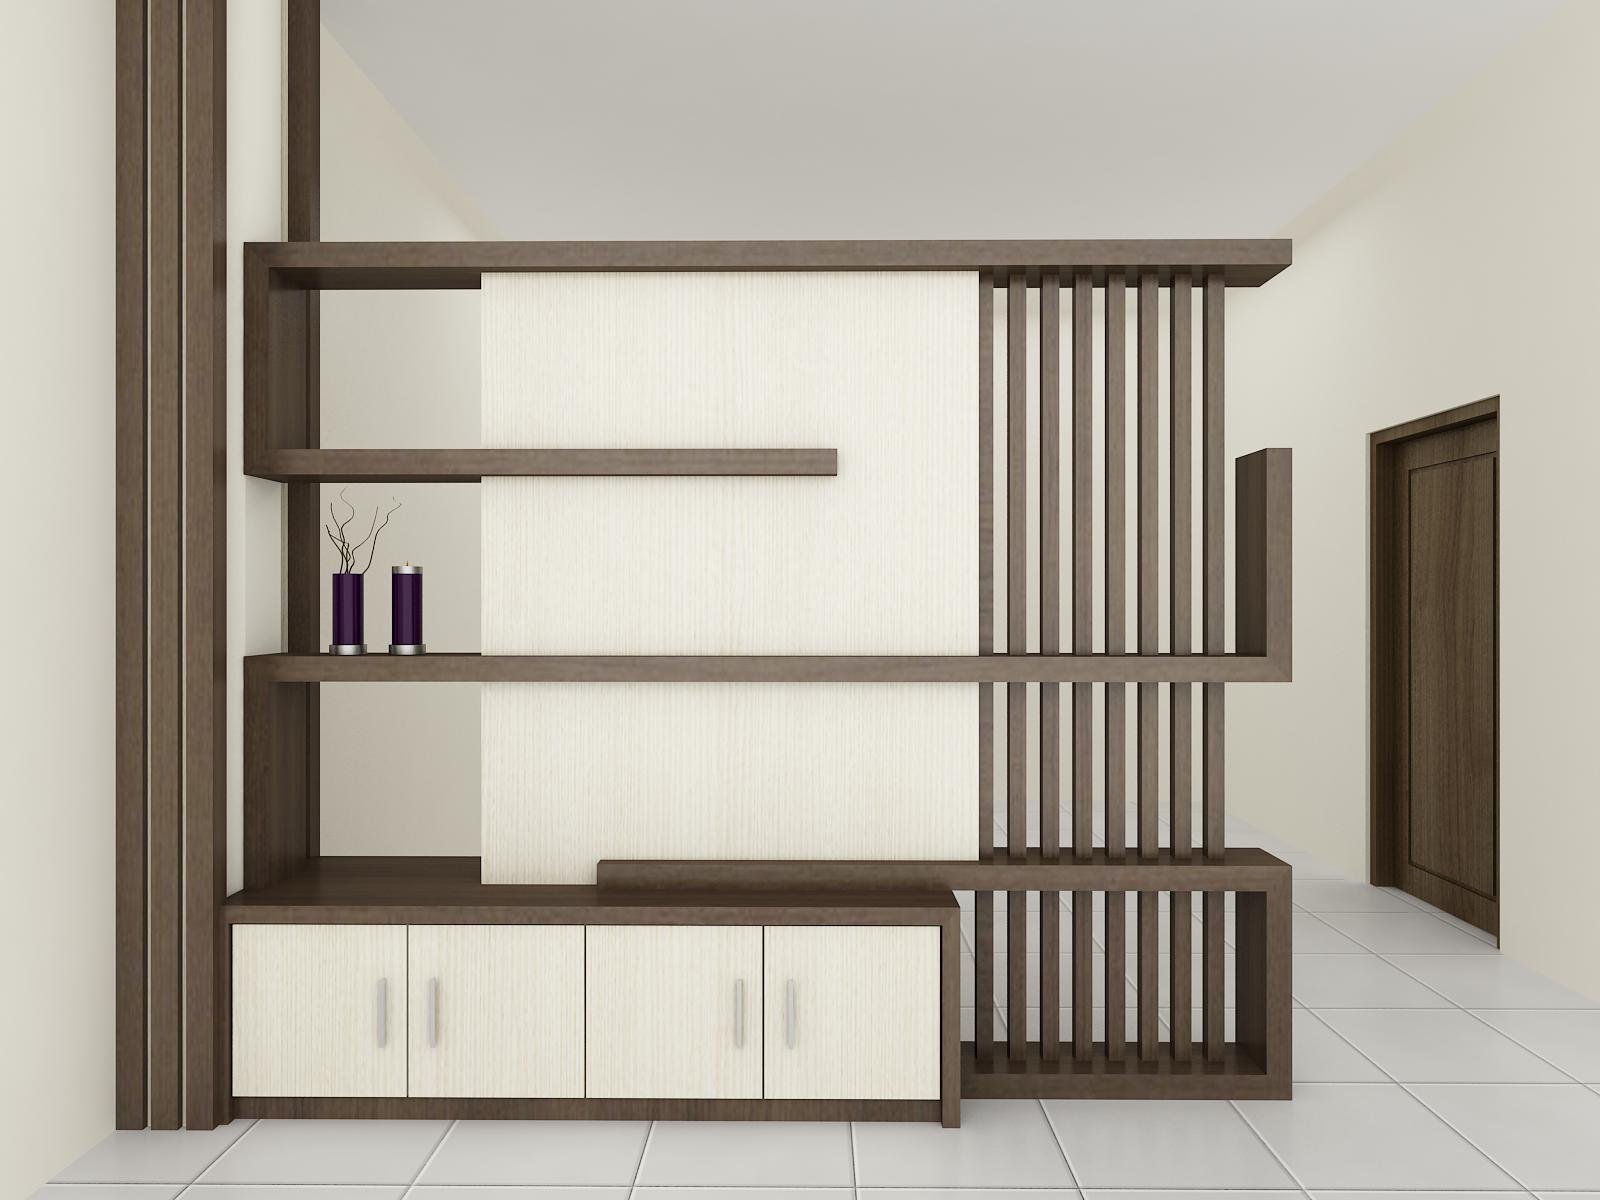 Desain Sekat Ruang Keluarga Dan Ruang Makan Sobat Interior